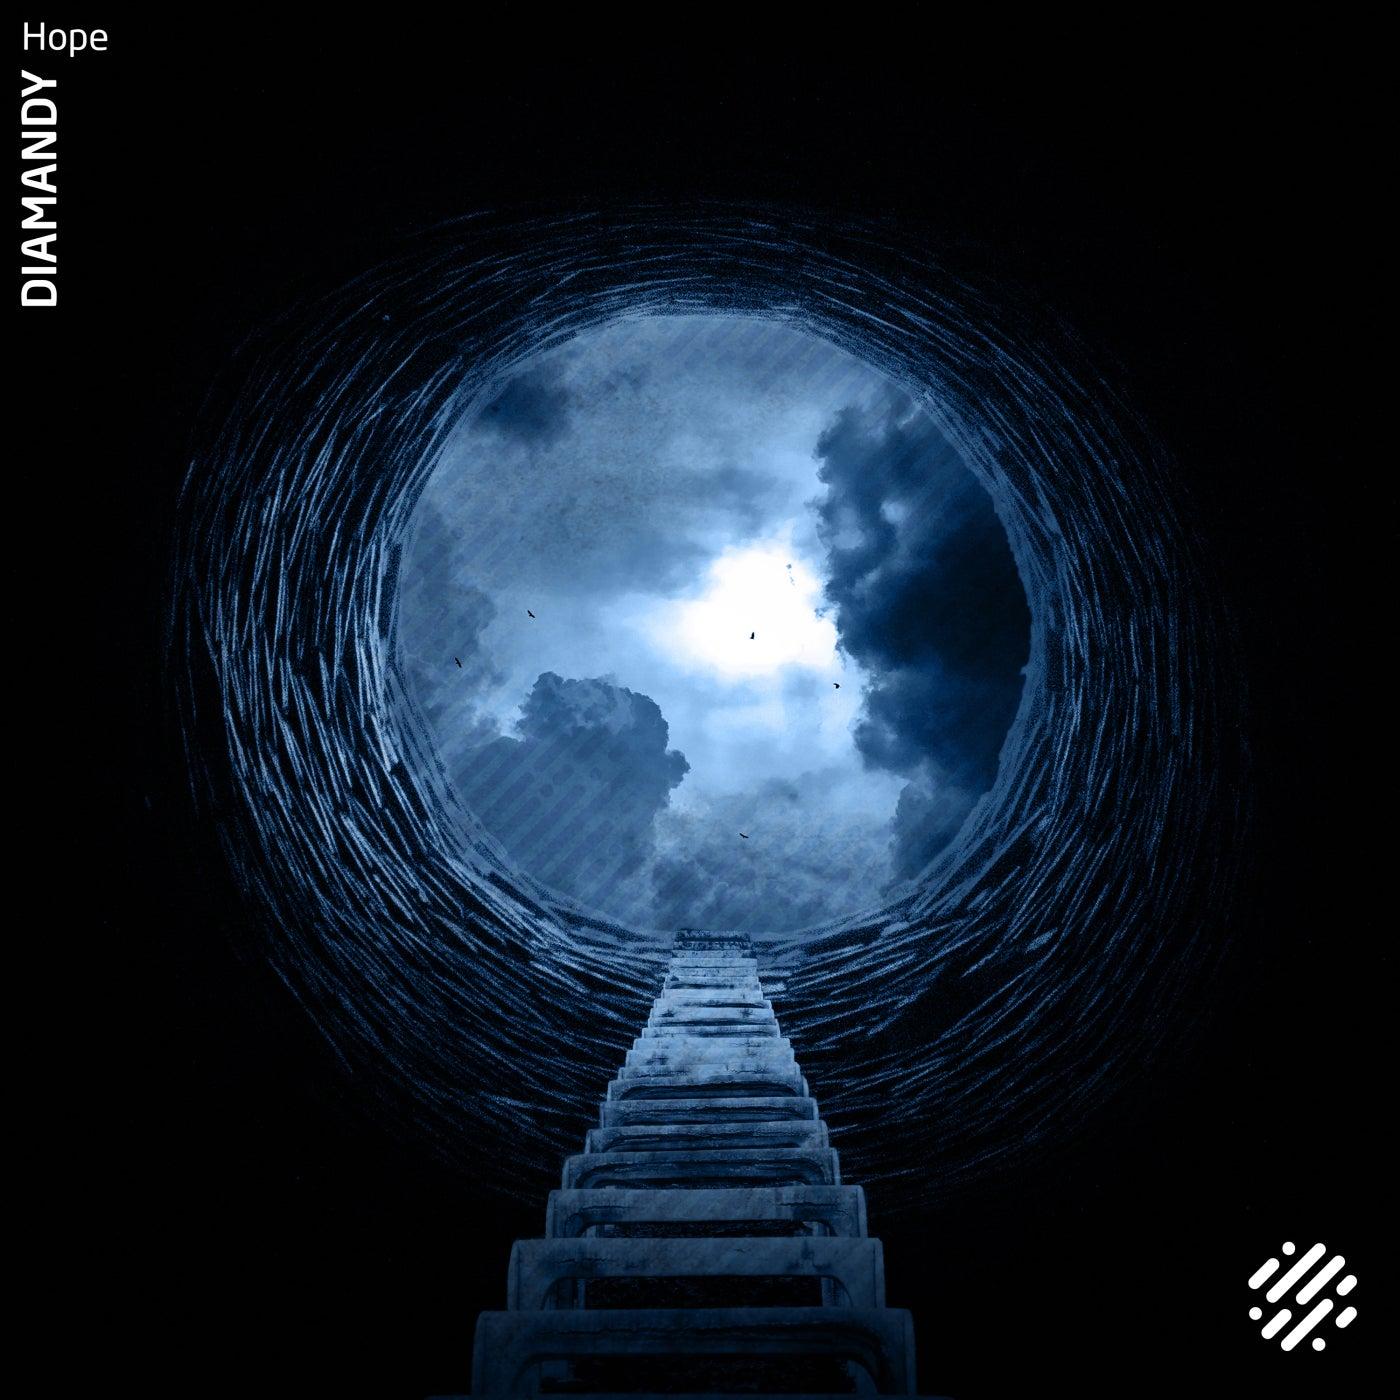 Hope (D-Nox & Beckers Remix)